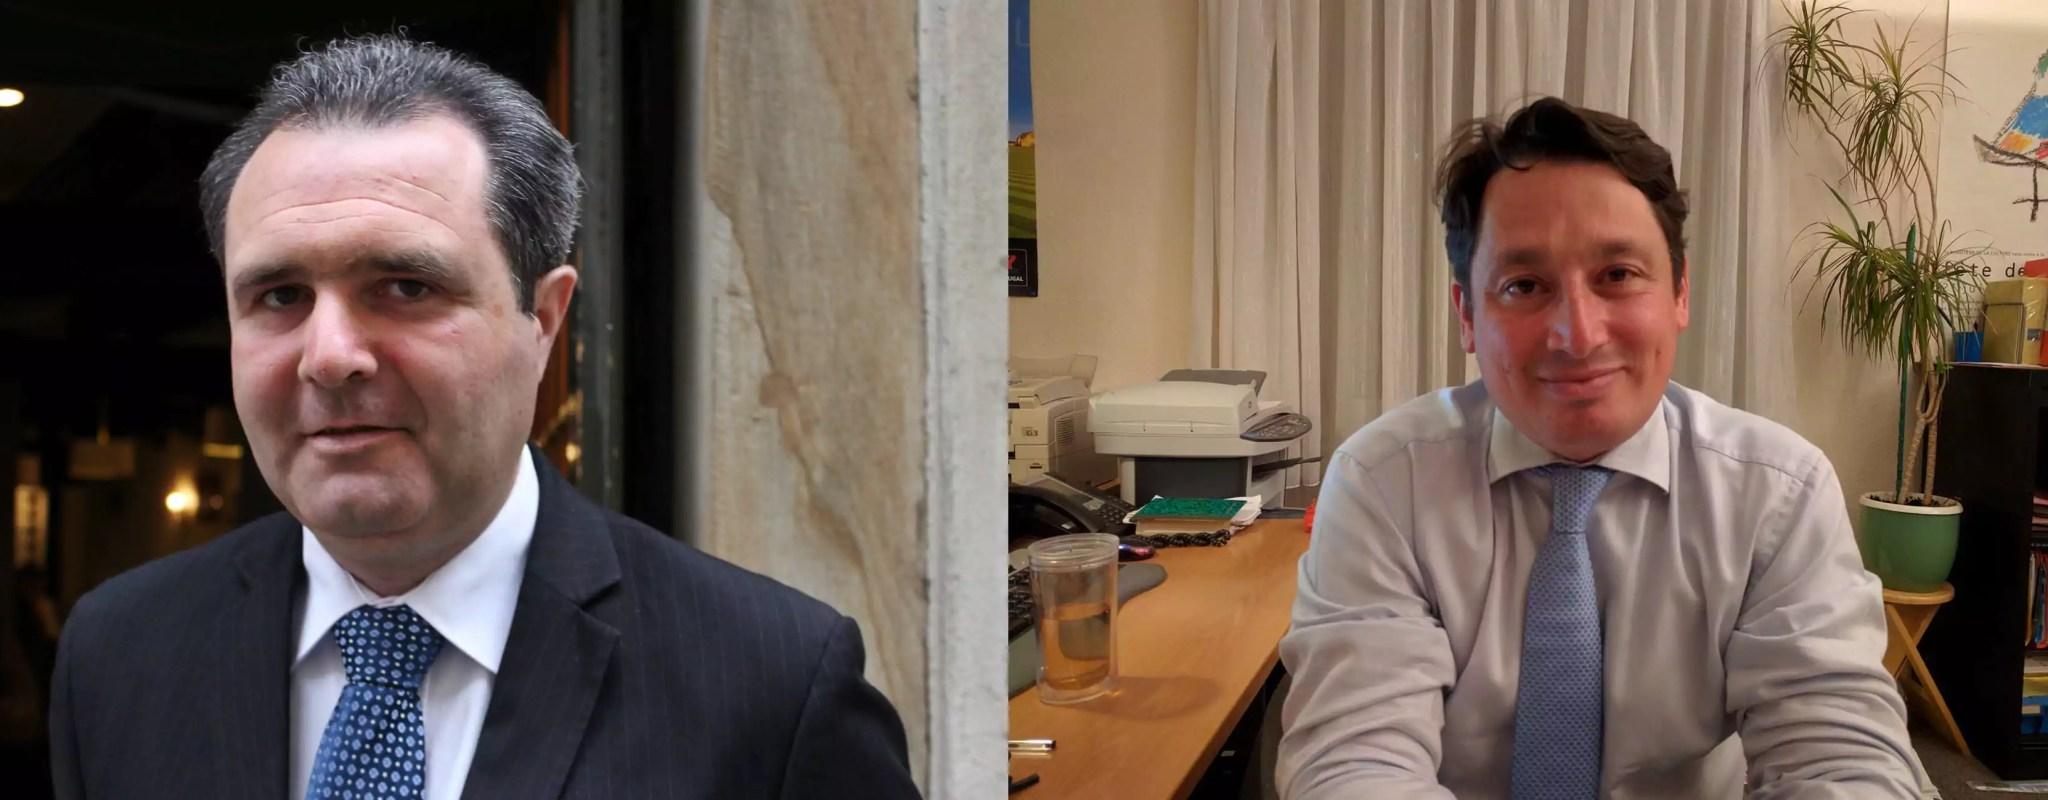 Législative partielle : posez vos questions à Éric Elkouby et Jean-Emmanuel Robert